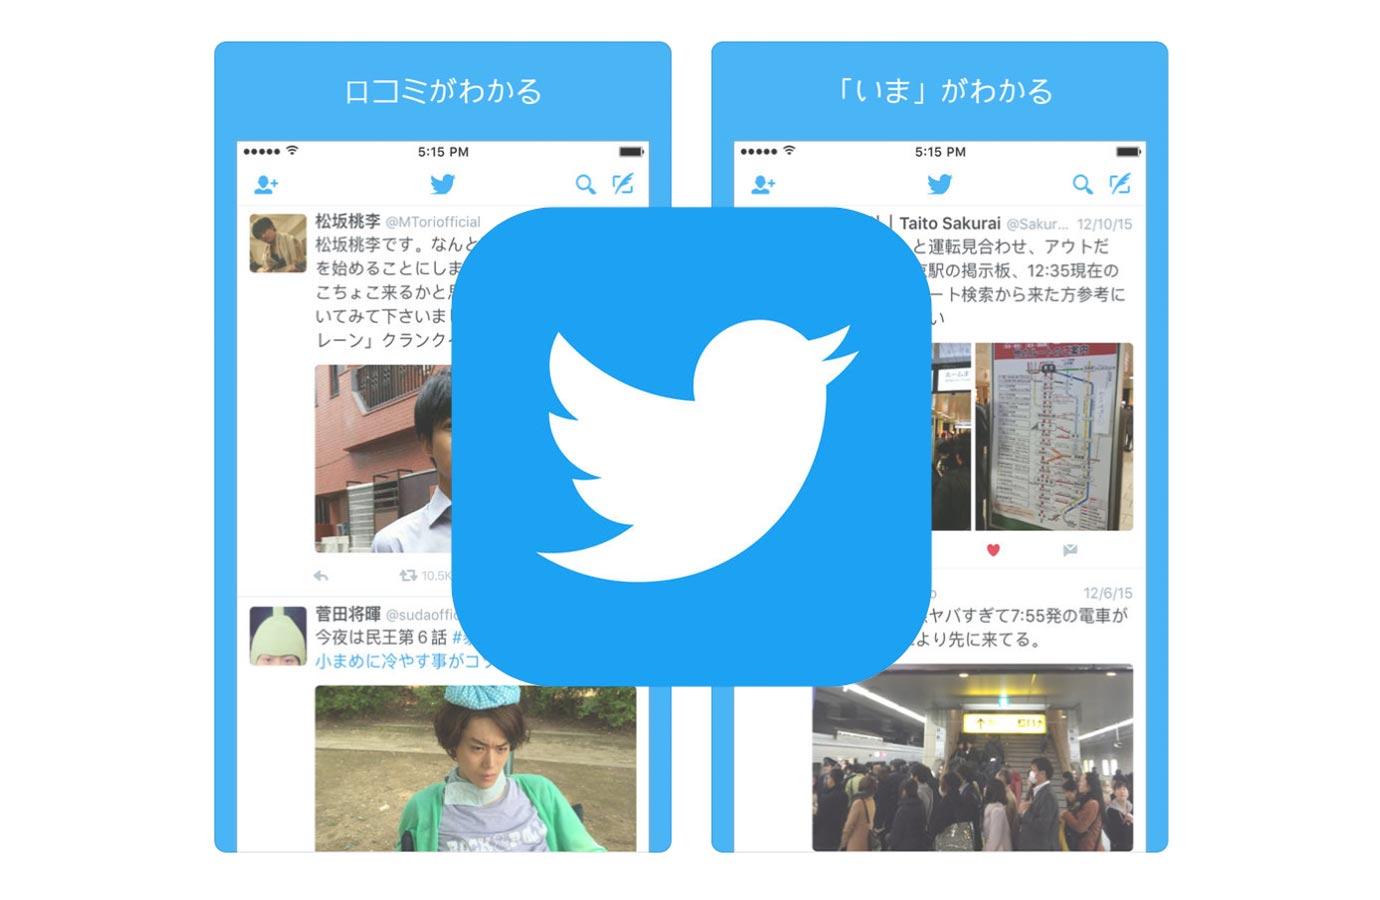 iOSアプリ「Twitter」アップデート、新しくいくつかのキーボードショートカットを追加